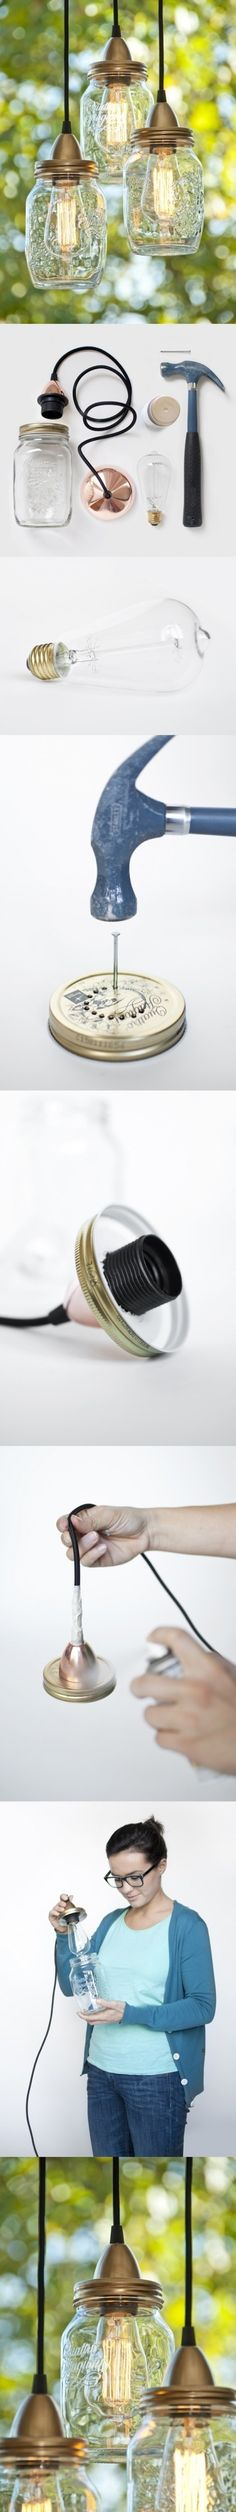 Bekijk 'Maak je eigen lamp' op Woontrendz ♥ Dagelijks woontrends ontdekken en wooninspiratie opdoen!